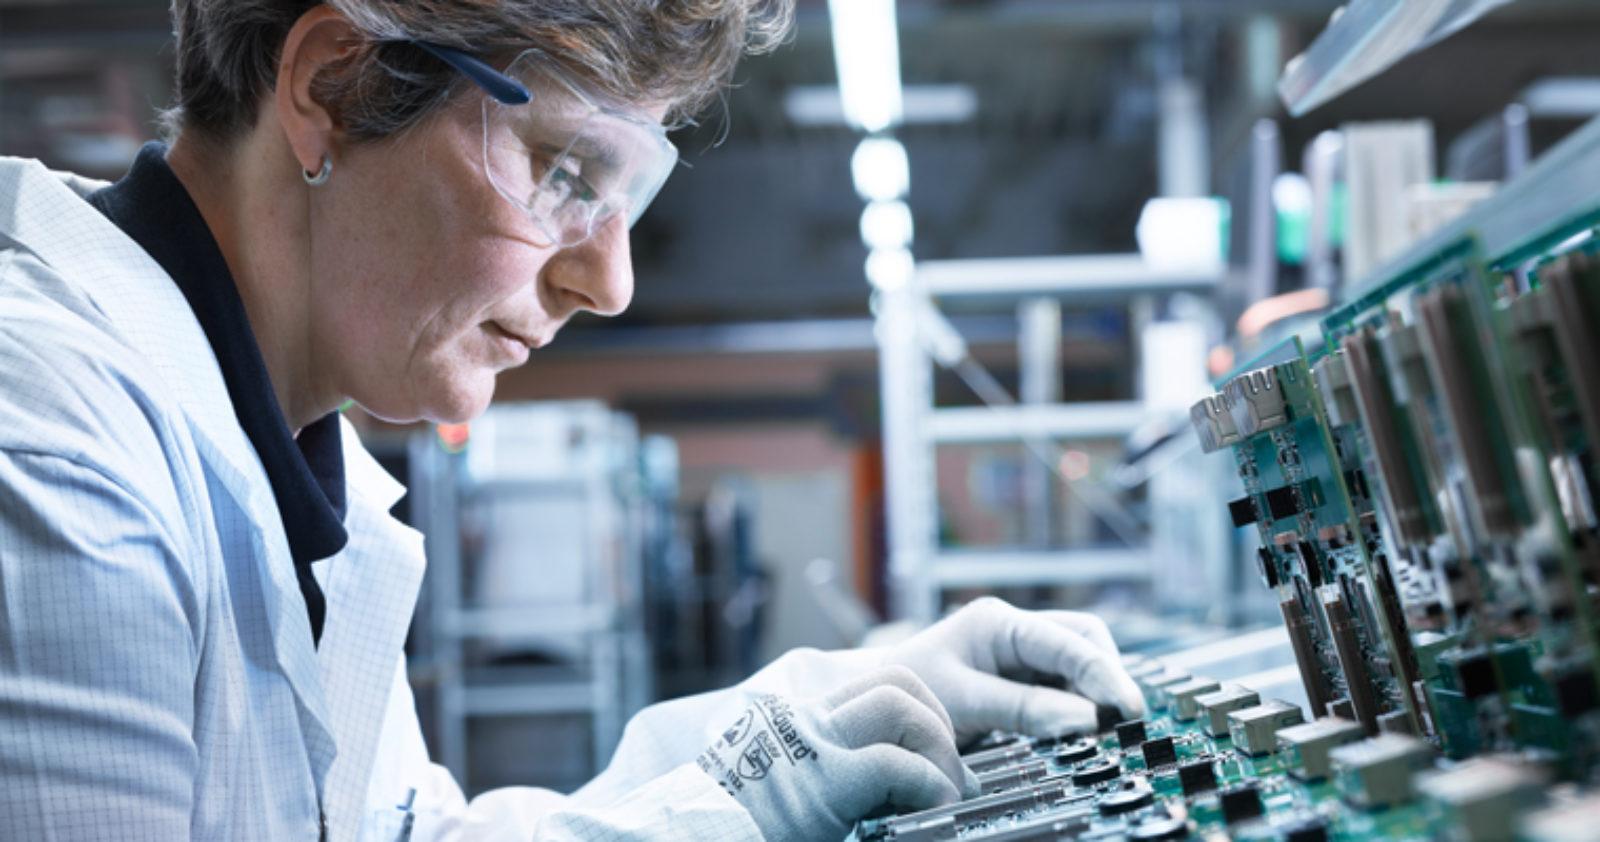 Der EMS-Dienstleisters technosert bietet schnell und zuverlässig die Modifikation von elektronischen Baugruppen